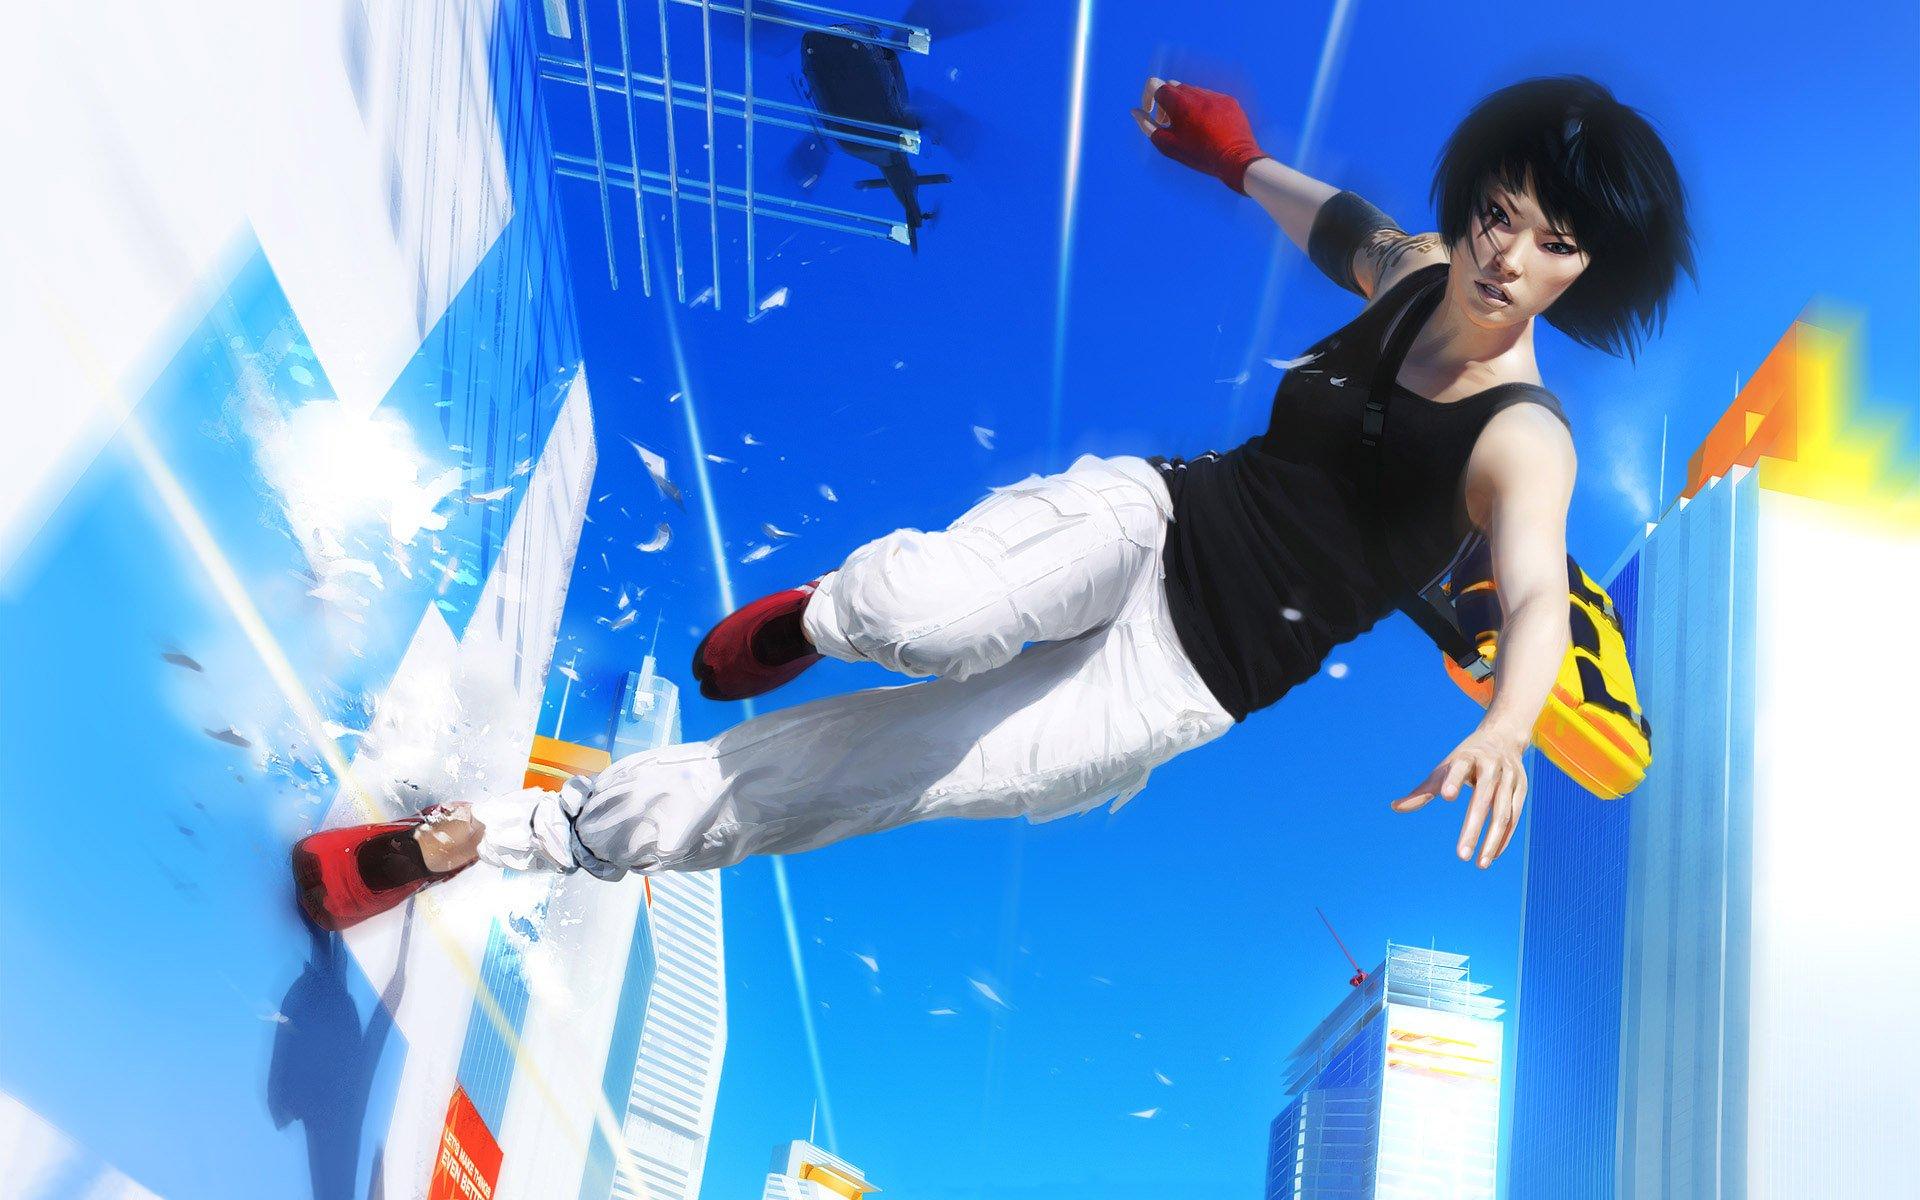 Руководитель EA Labels Франк Жибо заявил, что сегодня – самое лучшее время для того, чтобы перезапустить серию Mirro .... - Изображение 1